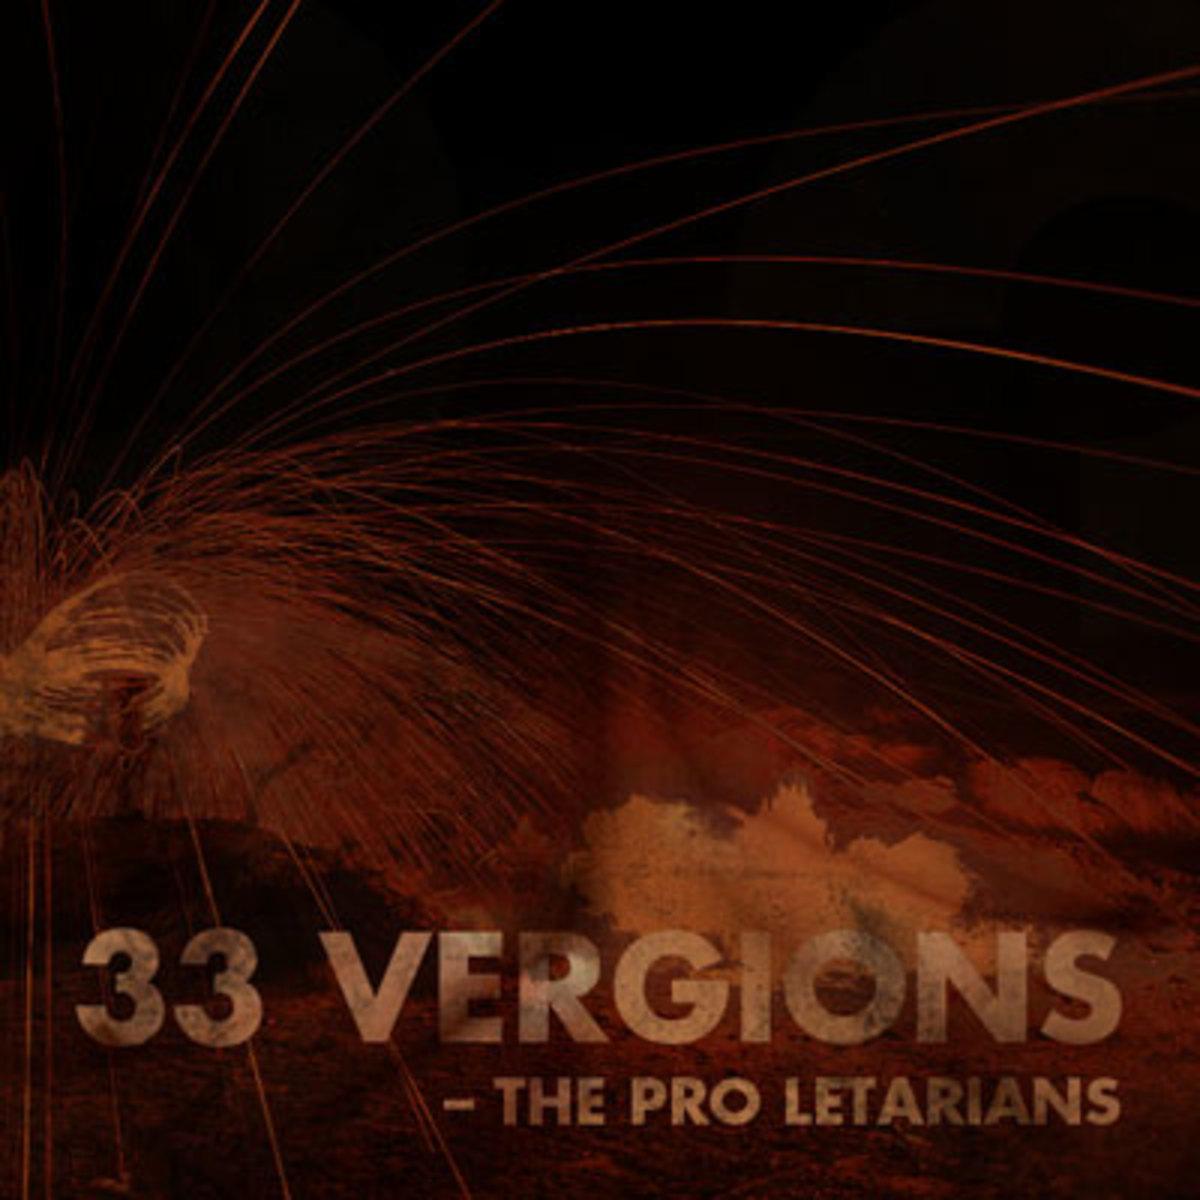 theprolet-33vergions.jpg